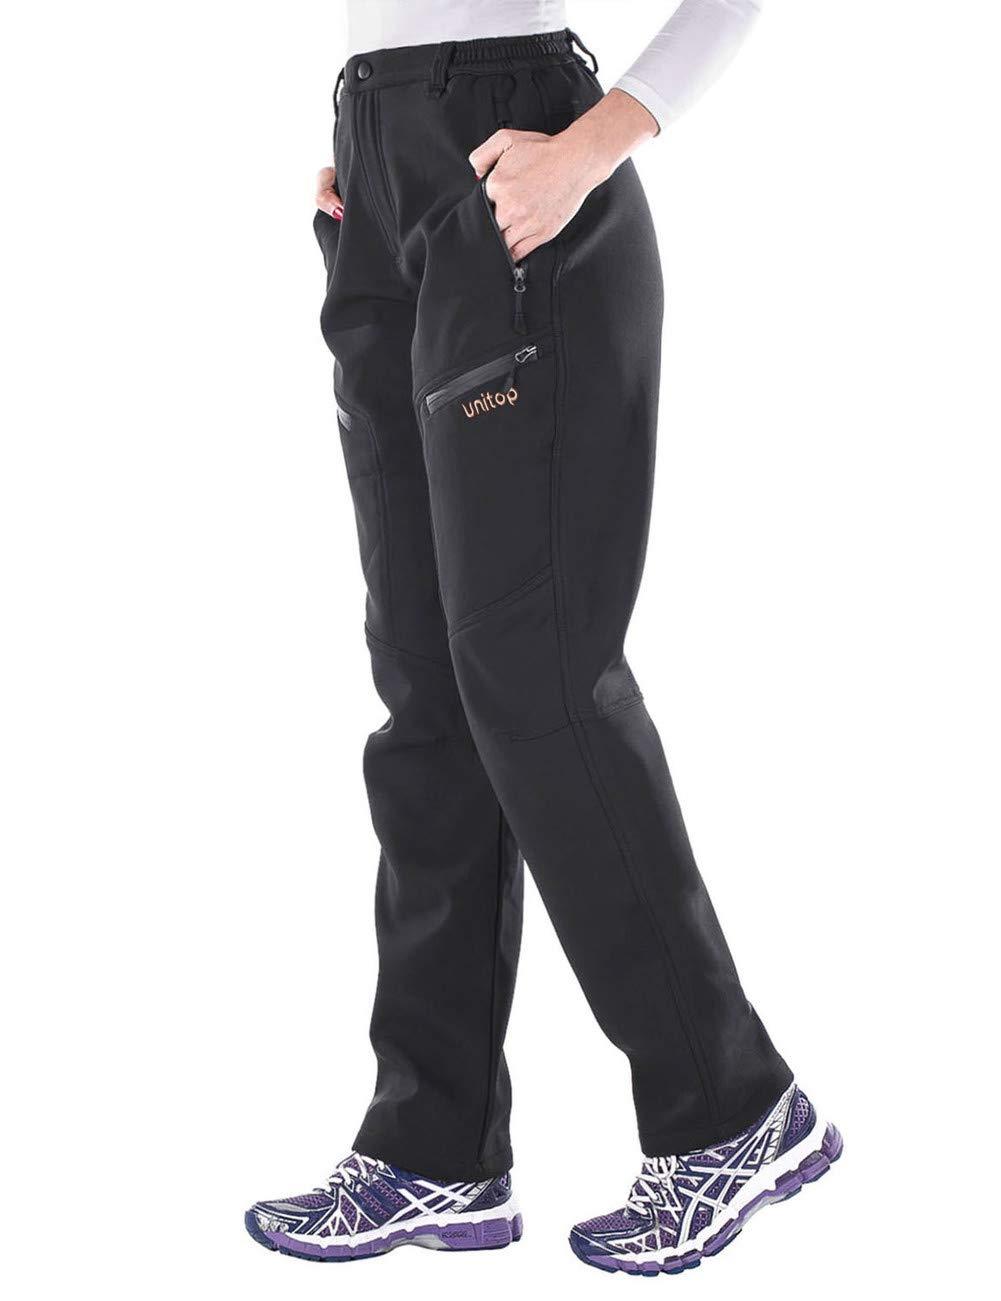 Unitop Women's Winter Ski Snow Pants Outdoor Water-Resistant Fleece Lined Cargo Pants